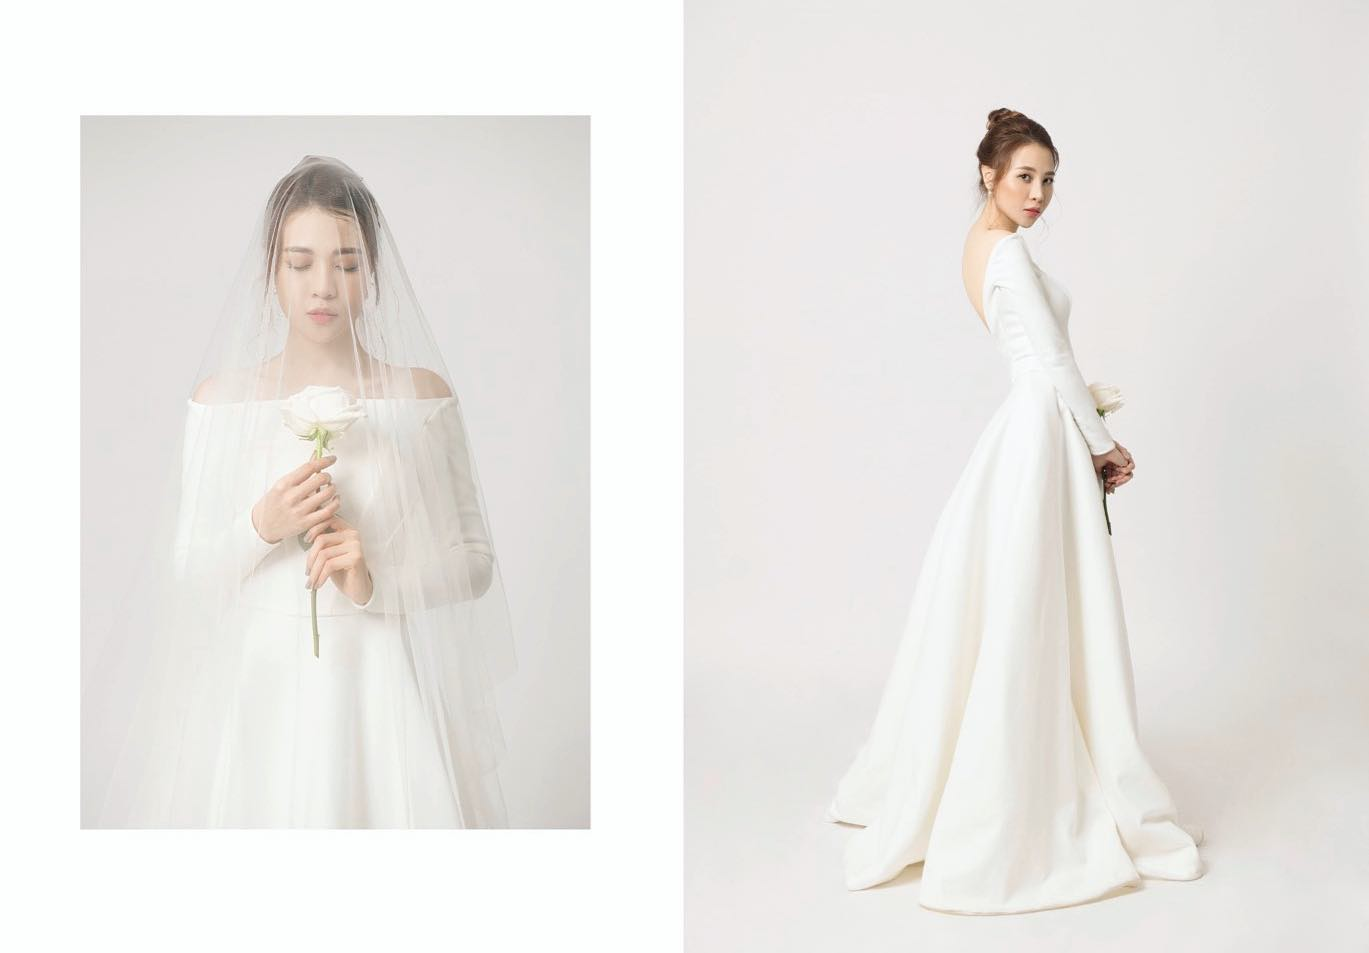 Không hổ danh Hoa khôi, Đàm Thu Trang tung ảnh cưới đơn giản nhưng vẫn xinh đẹp yêu kiều hết phần thiên hạ-2